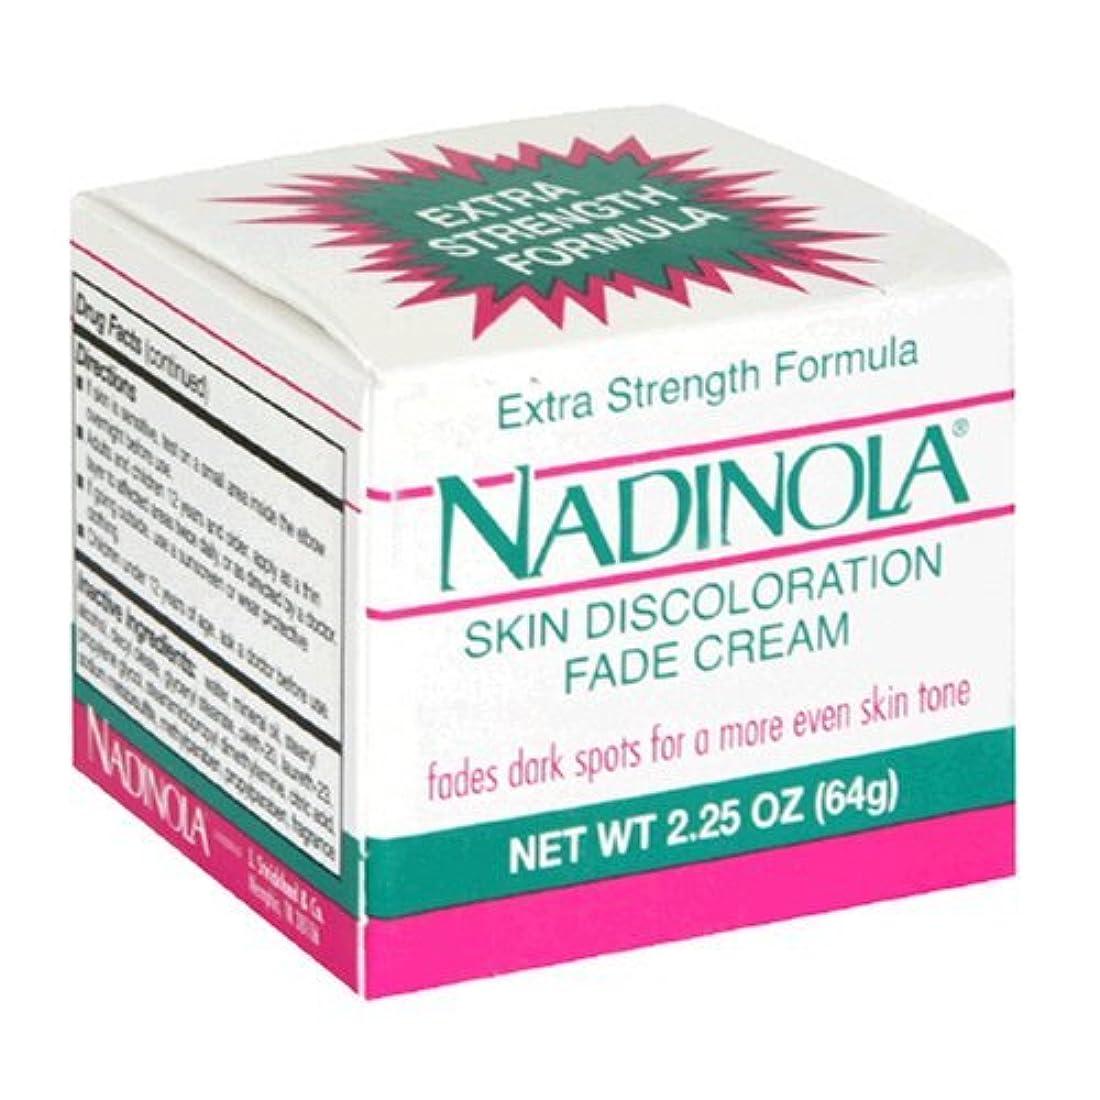 請求可能ハプニング救出Nadinola Discoloration Fade Cream 2.25oz Extra Strength (並行輸入品)